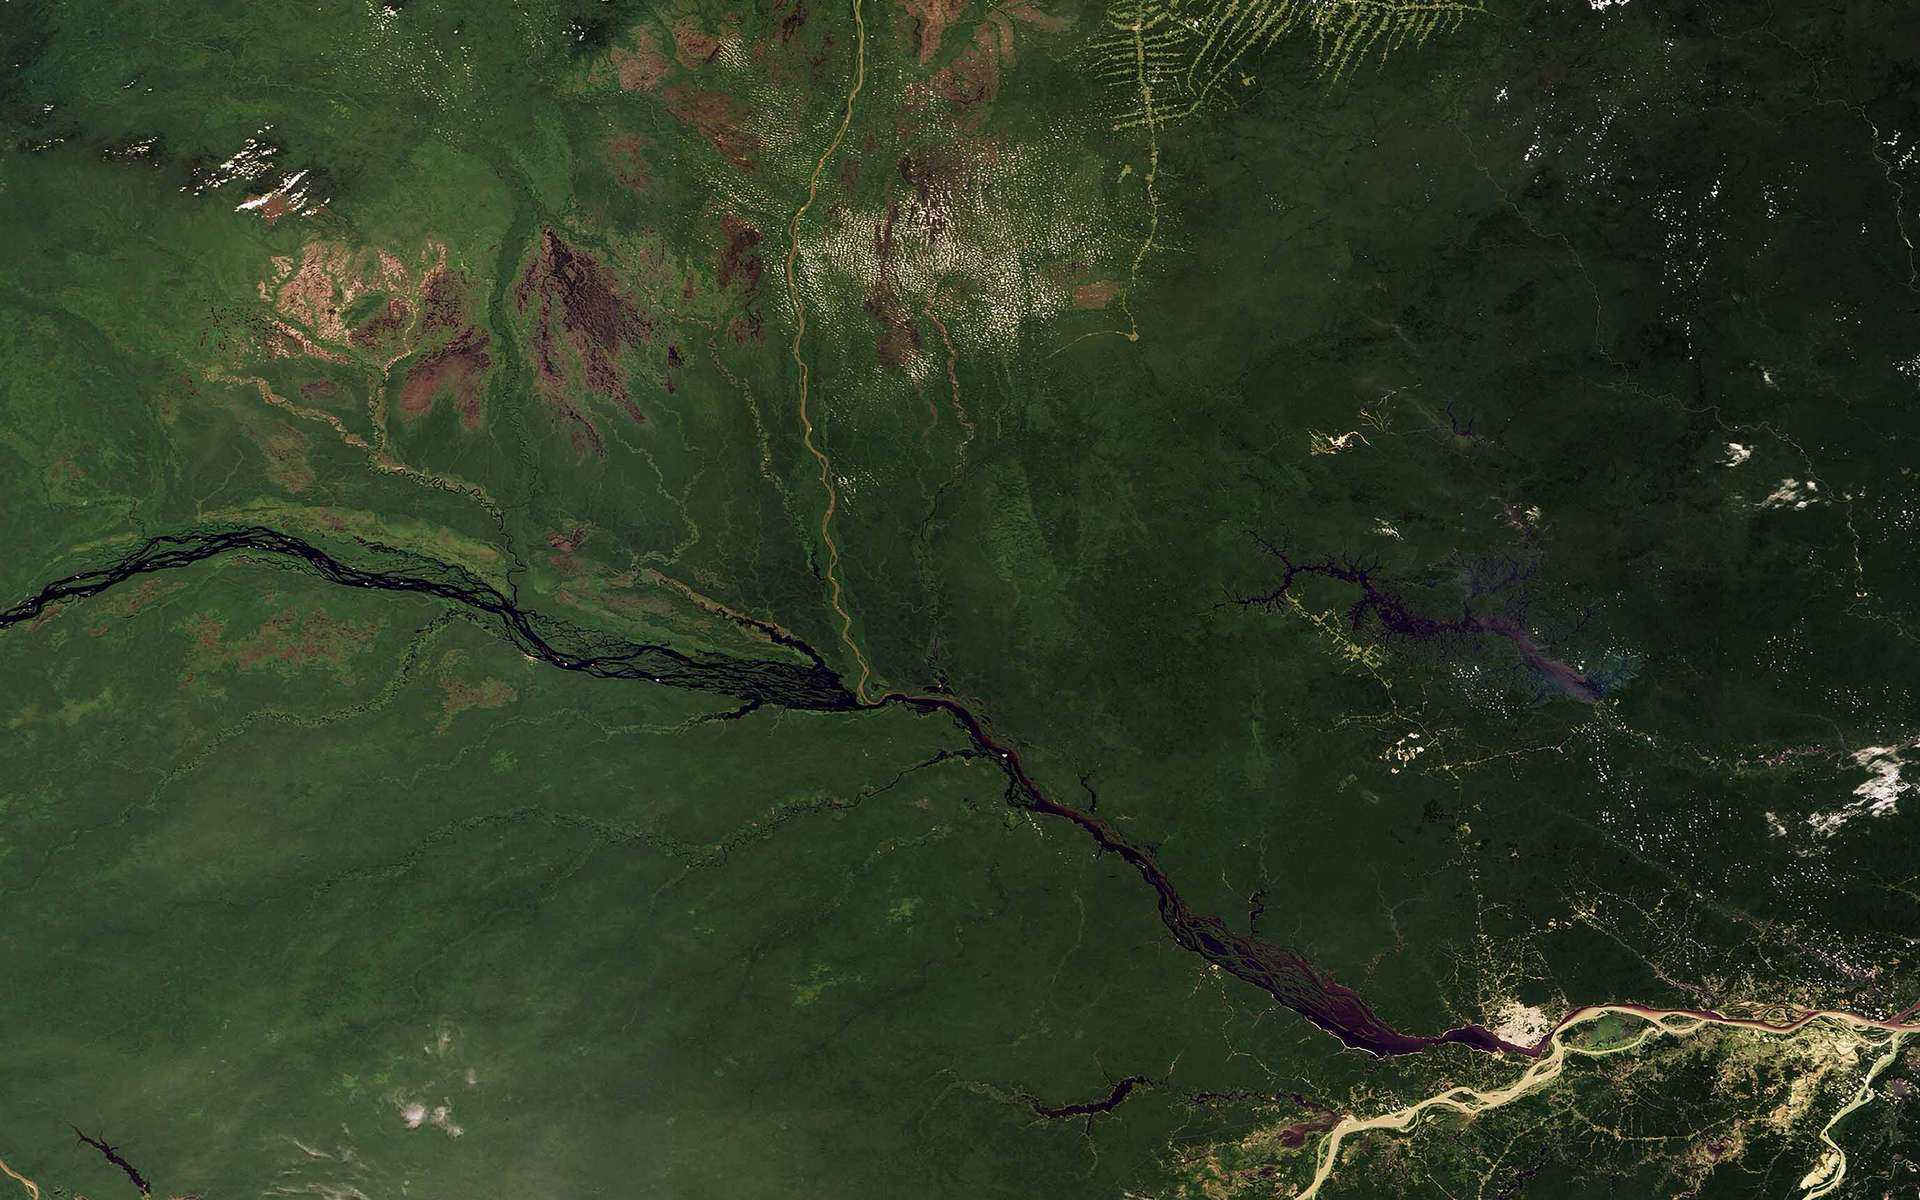 Sur cette image acquise par la caméra Meris d'Envisat le 28 septembre 2008, le Rio Negro (plus grand cours d'eaux noires) et le Rio Solimões (plus grand cours d'eaux blanches du bassin de l'Amazone se mêlent pour former le fleuve Amazone juste en aval de Manaus, au Brésil. Crédit Esa